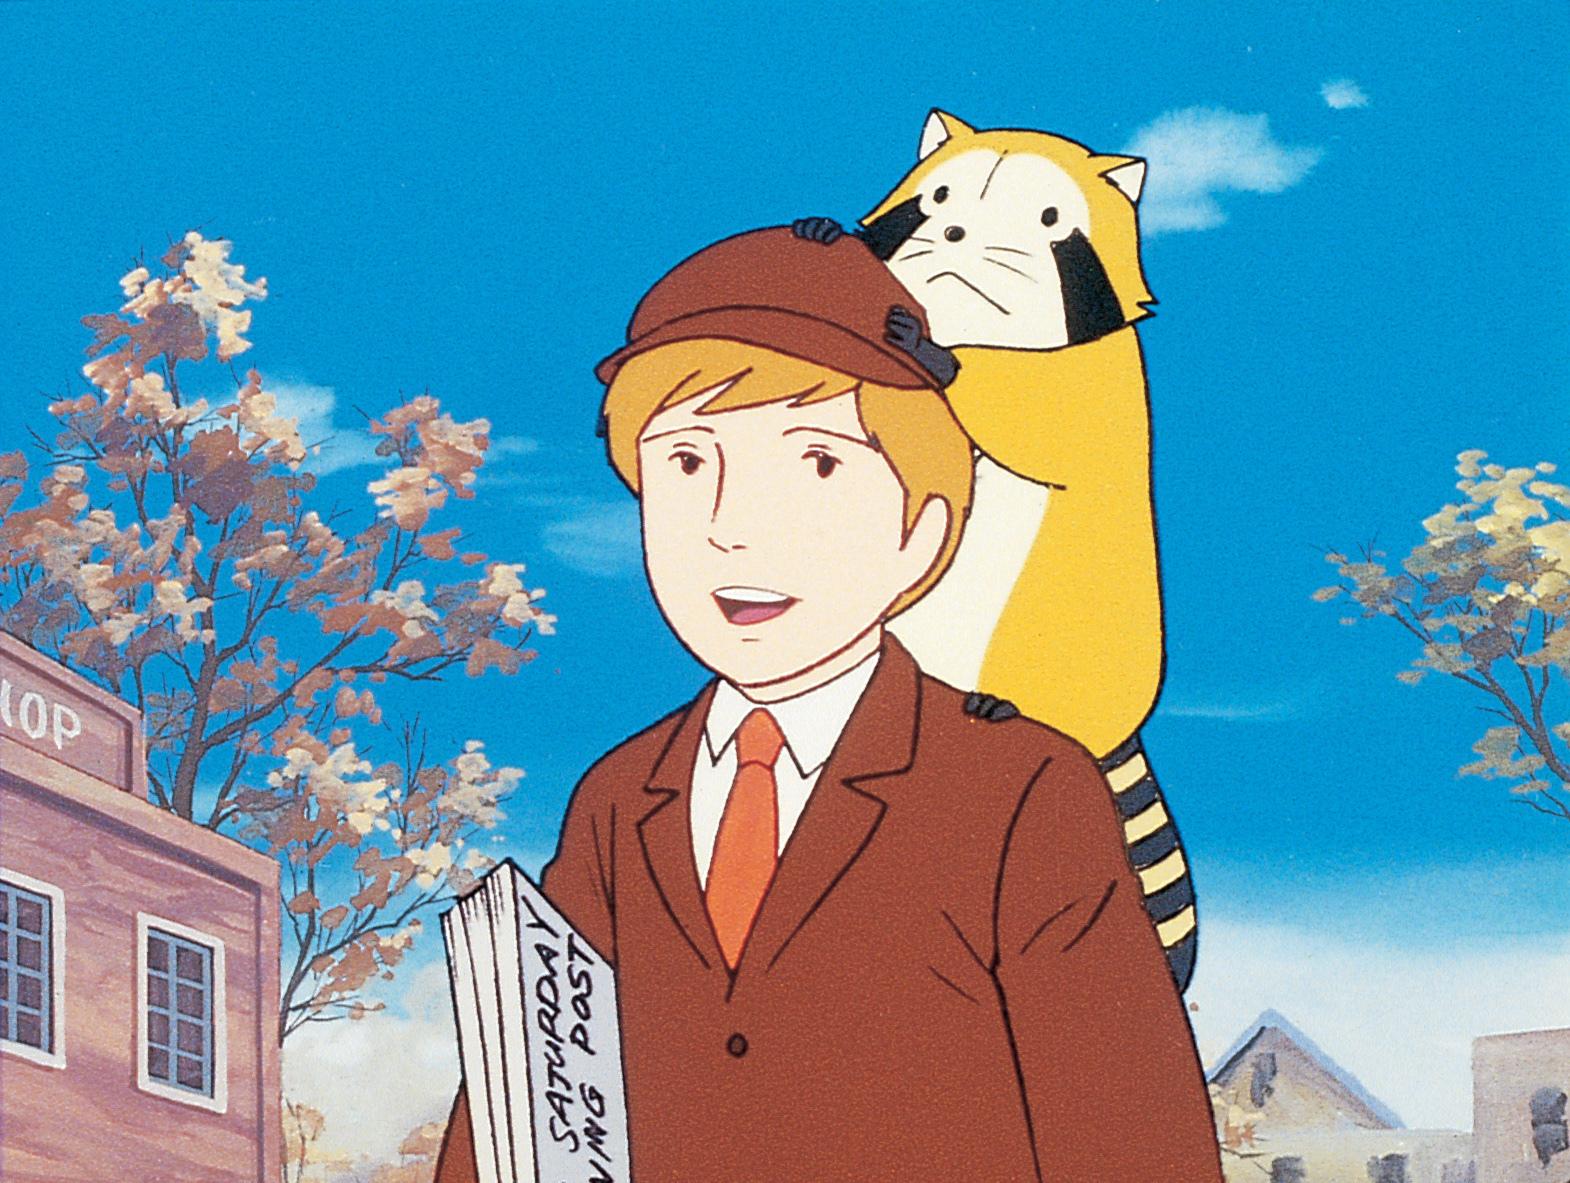 『世界名作劇場 あらいぐまラスカル』より (C) NIPPON ANIMATION CO., LTD.